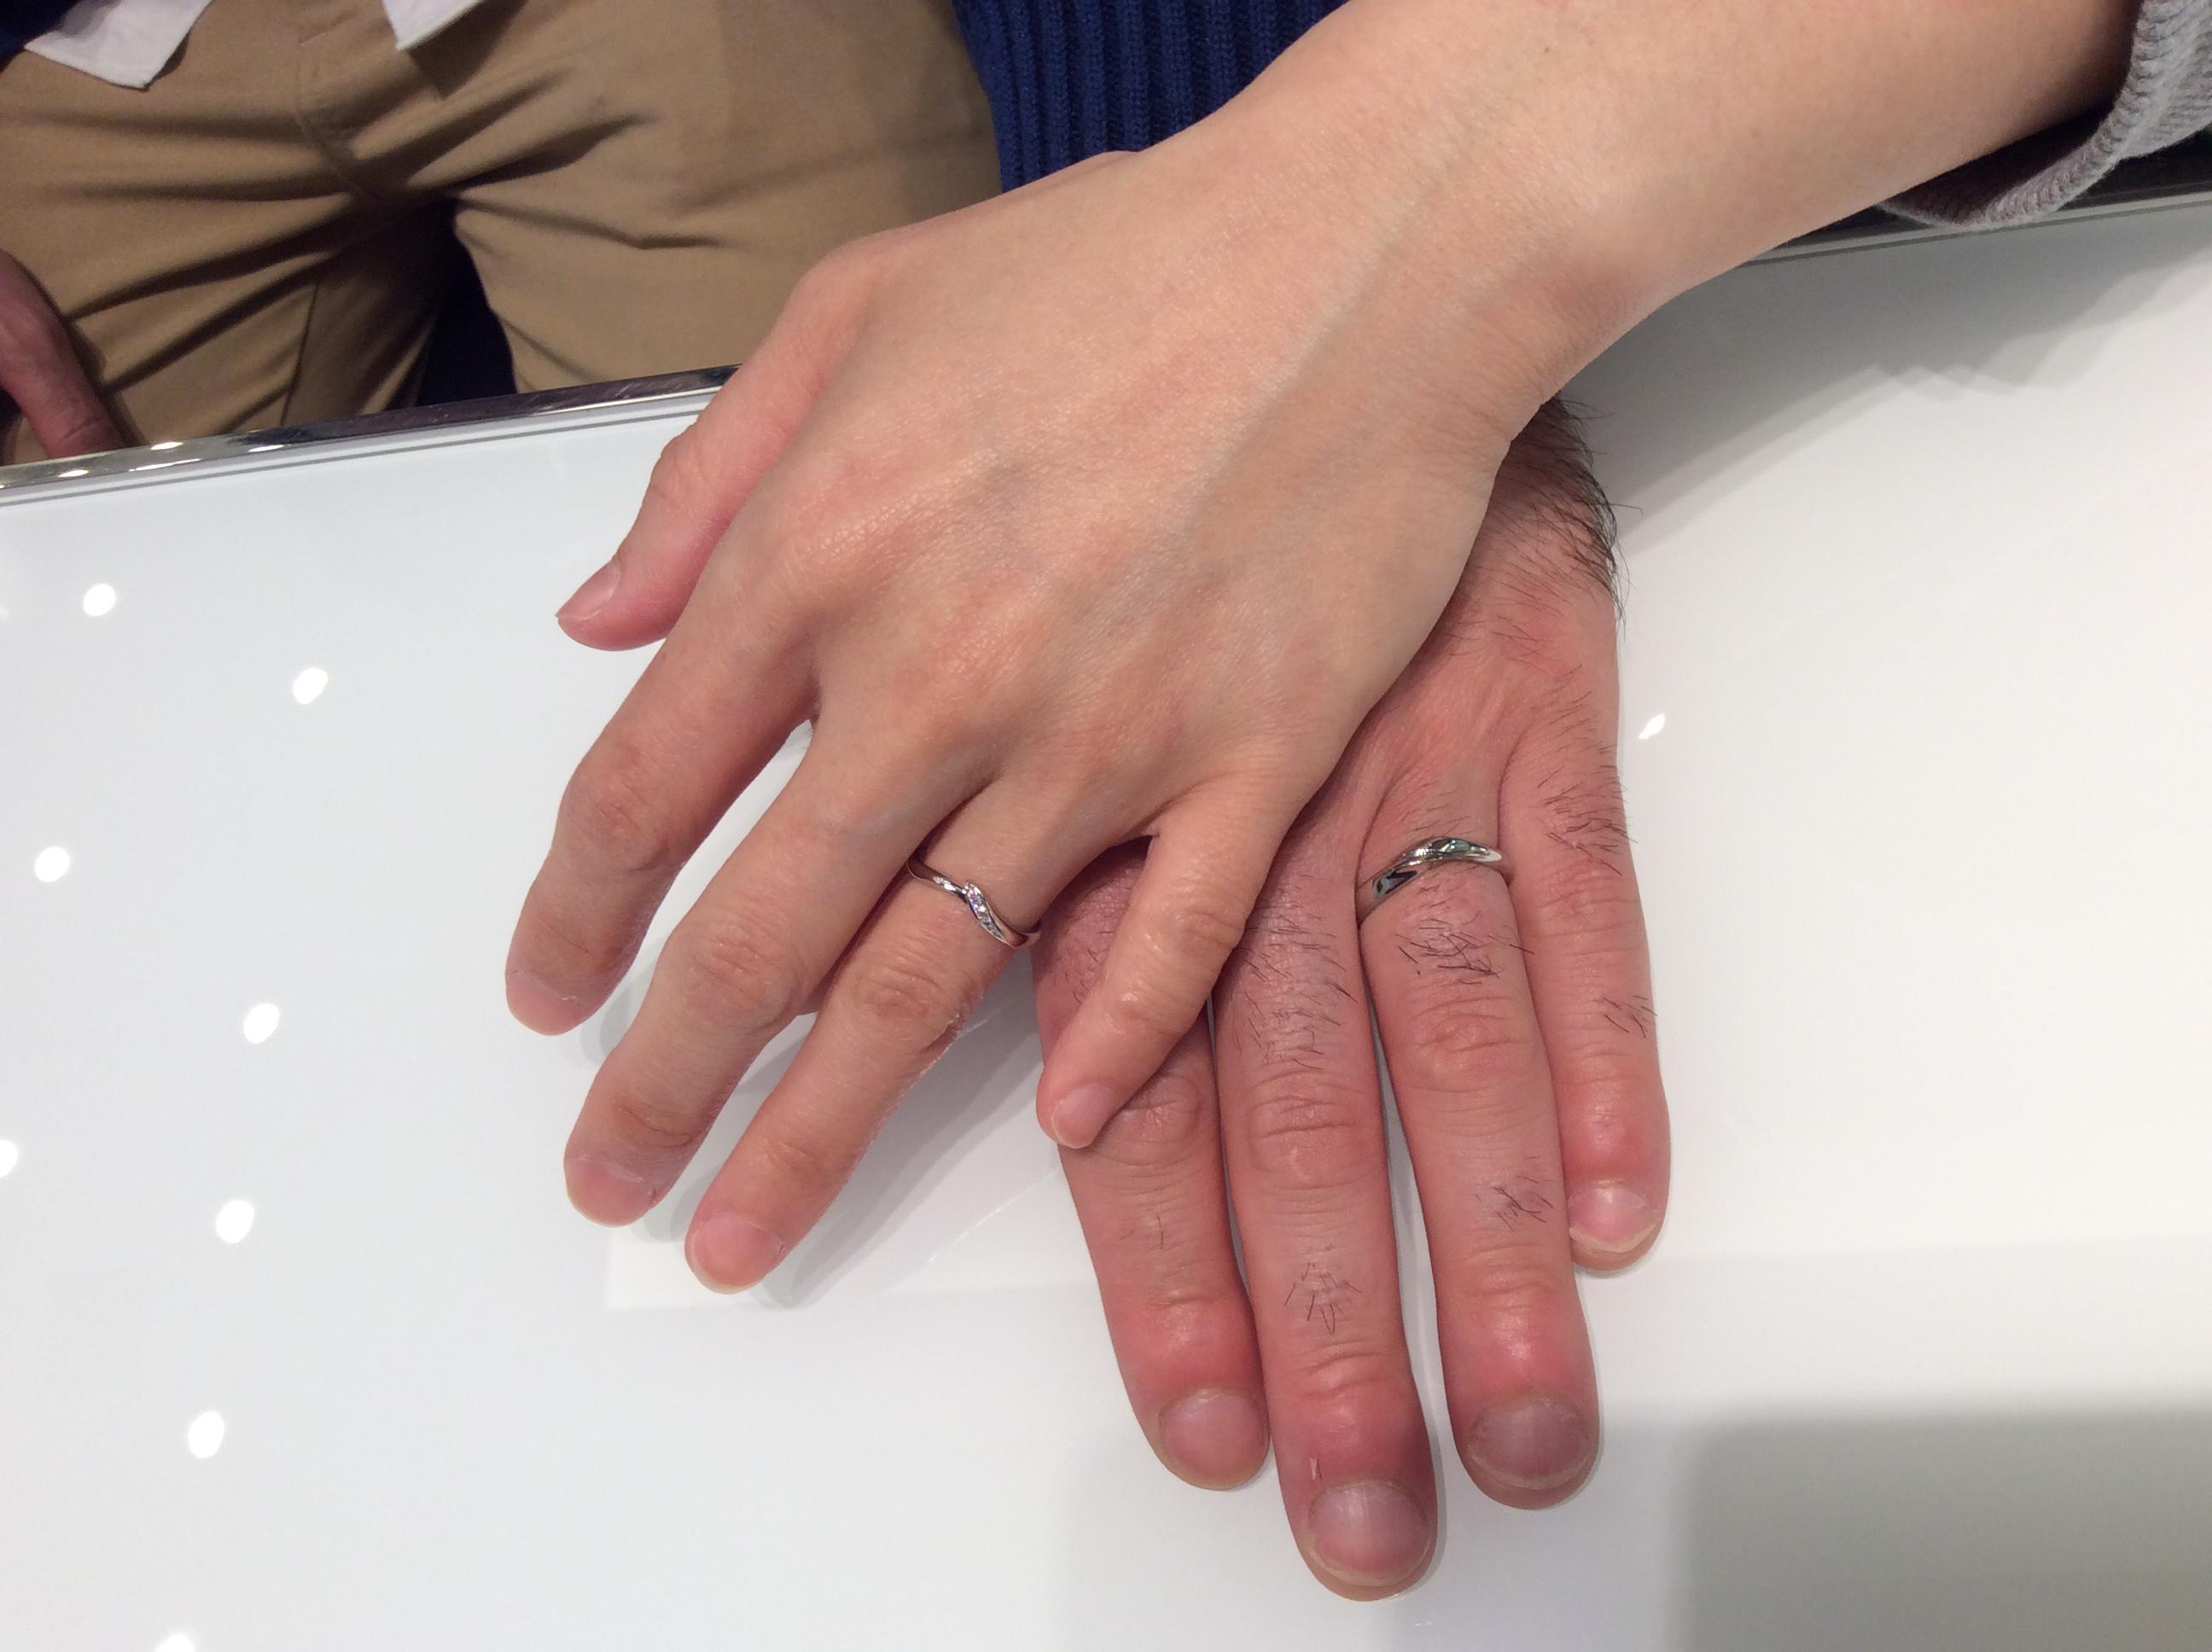 【俄(にわか)】結婚指輪「初桜」をご成約/平 晃典様&石川 久美子様